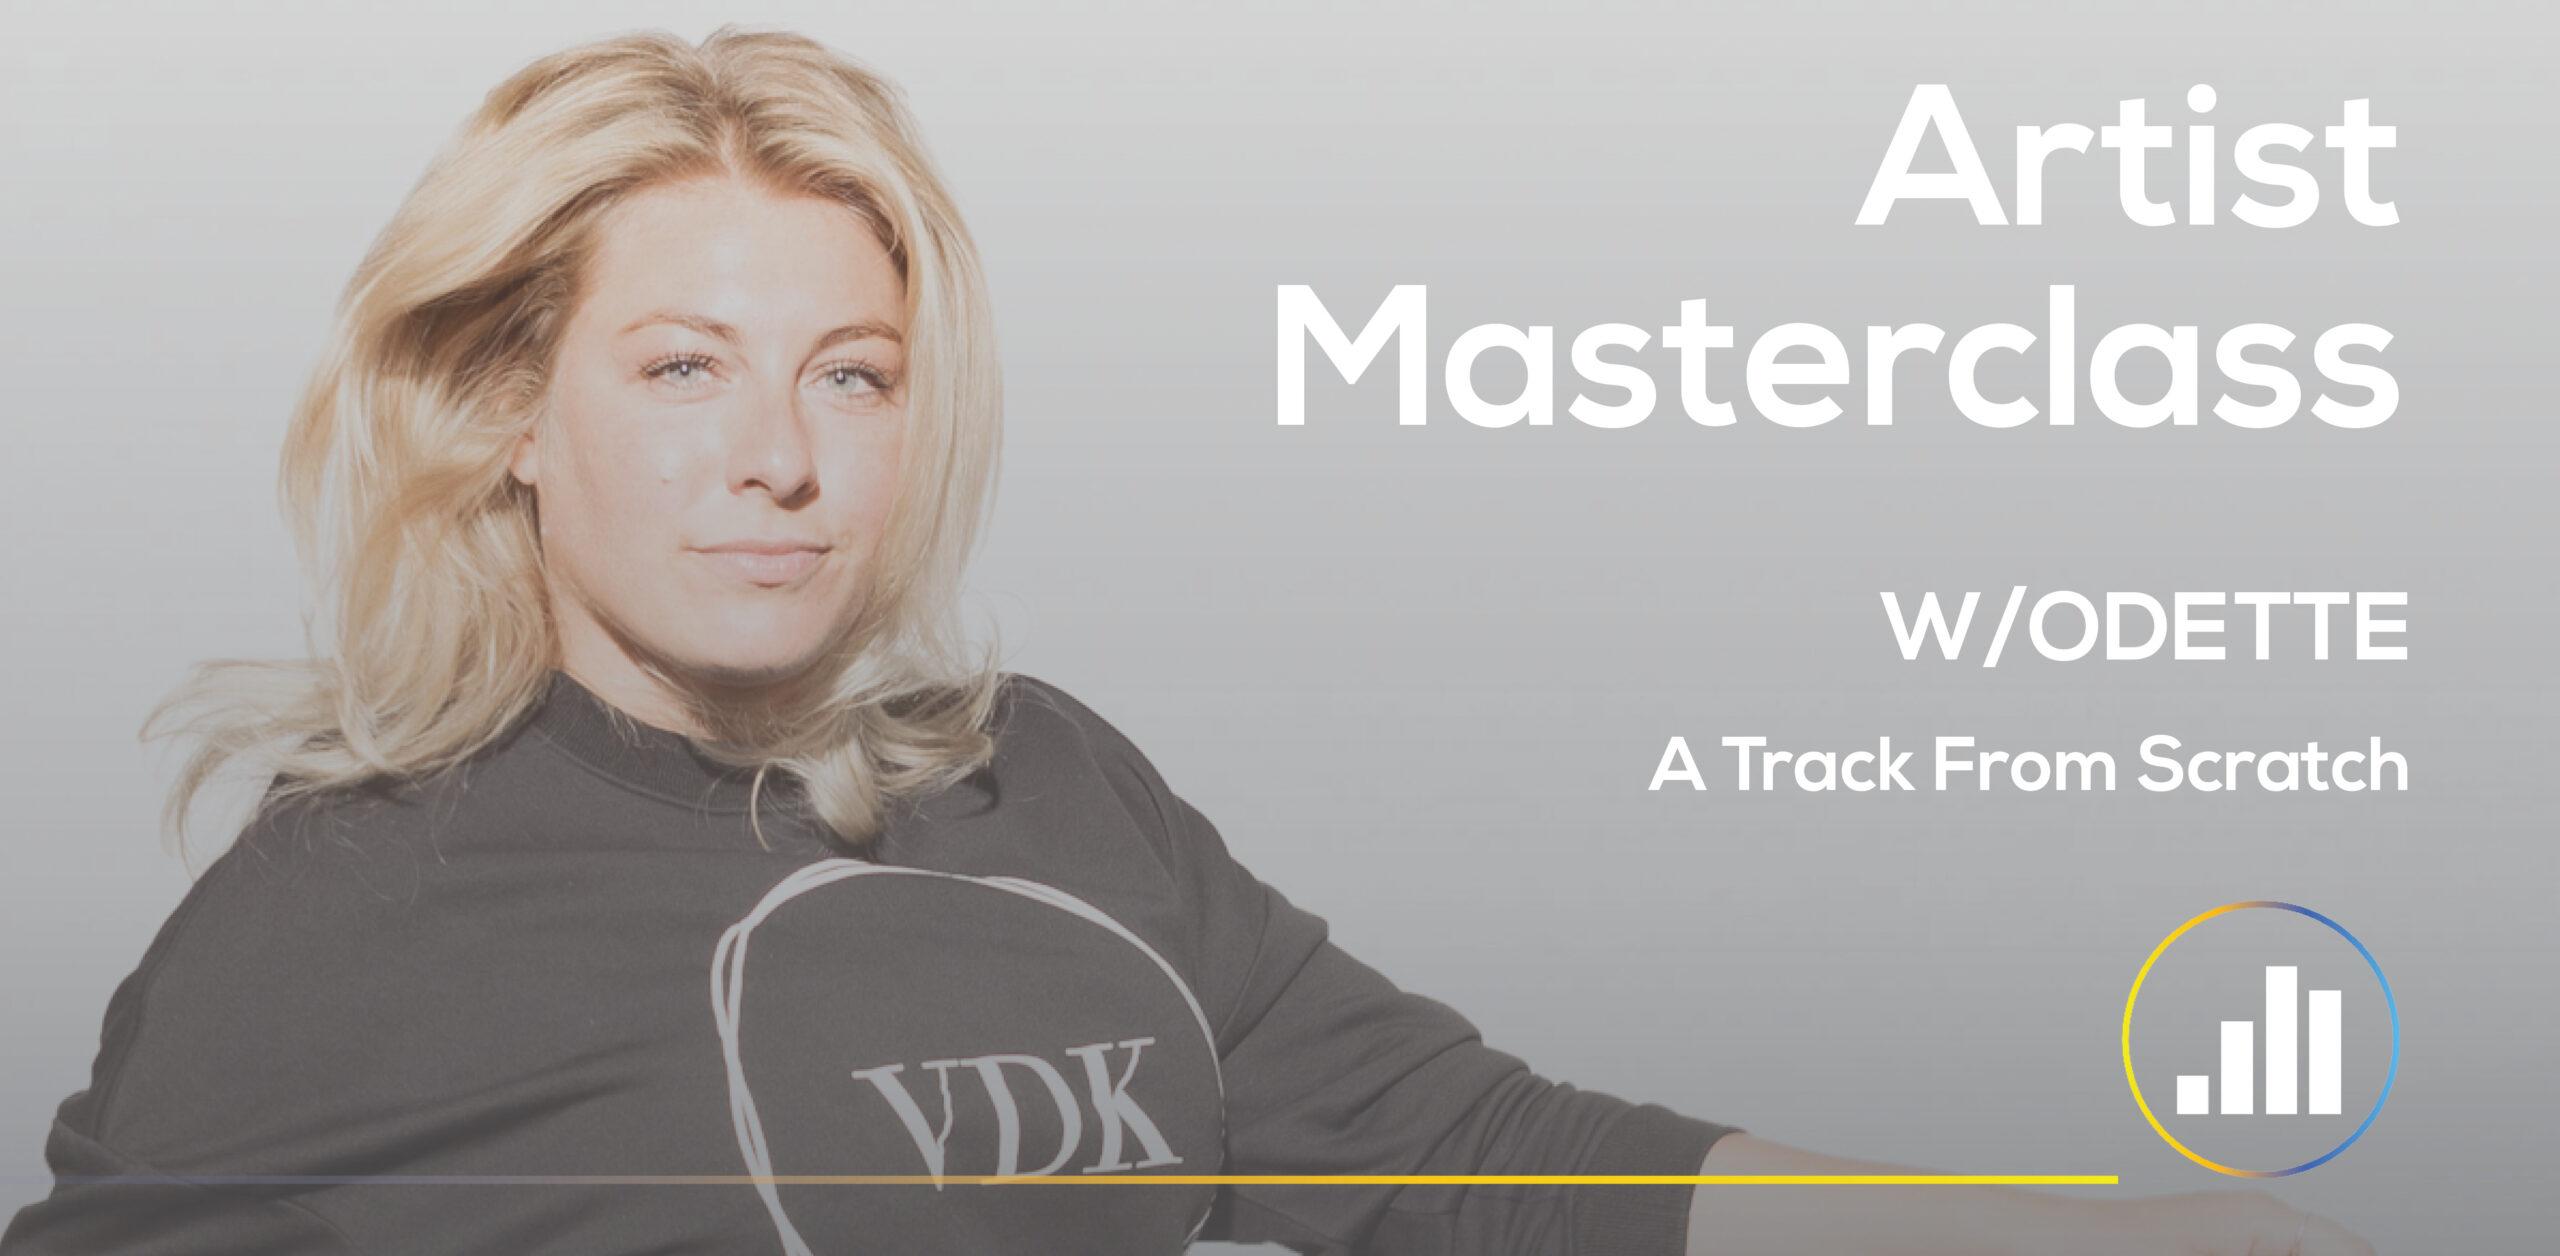 Artist Masterclass w/Odette